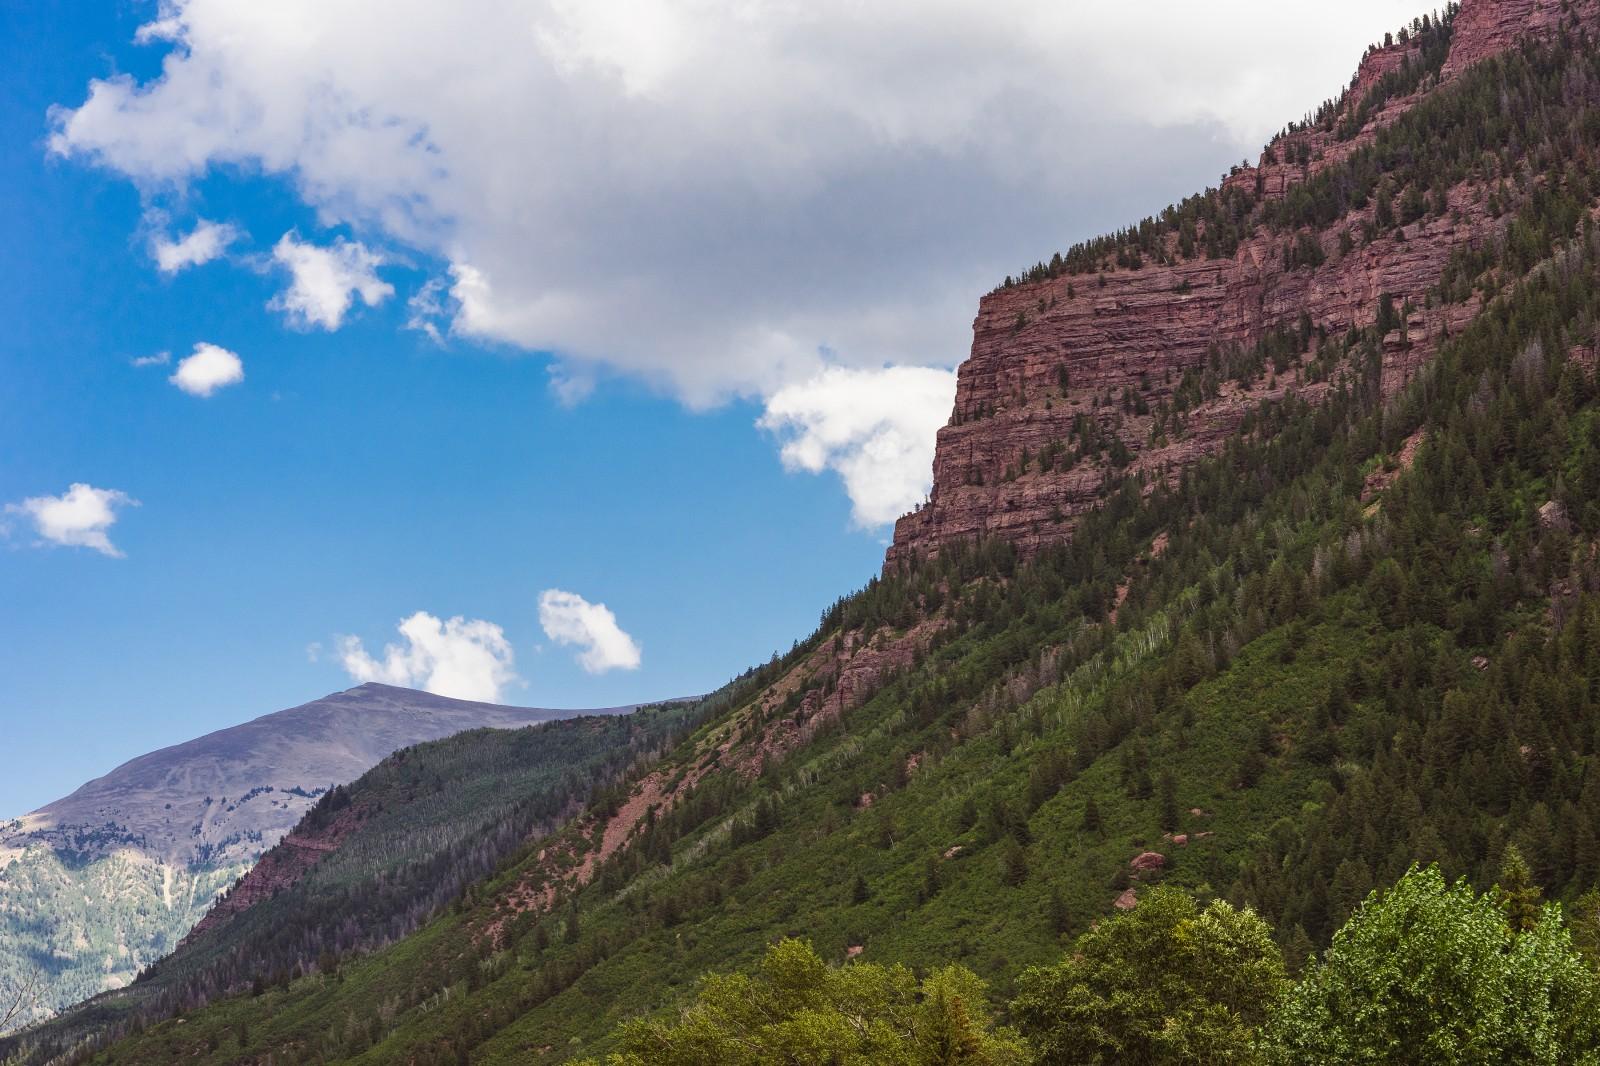 Red Rock Cliffs, Crystal Valley, Colorado